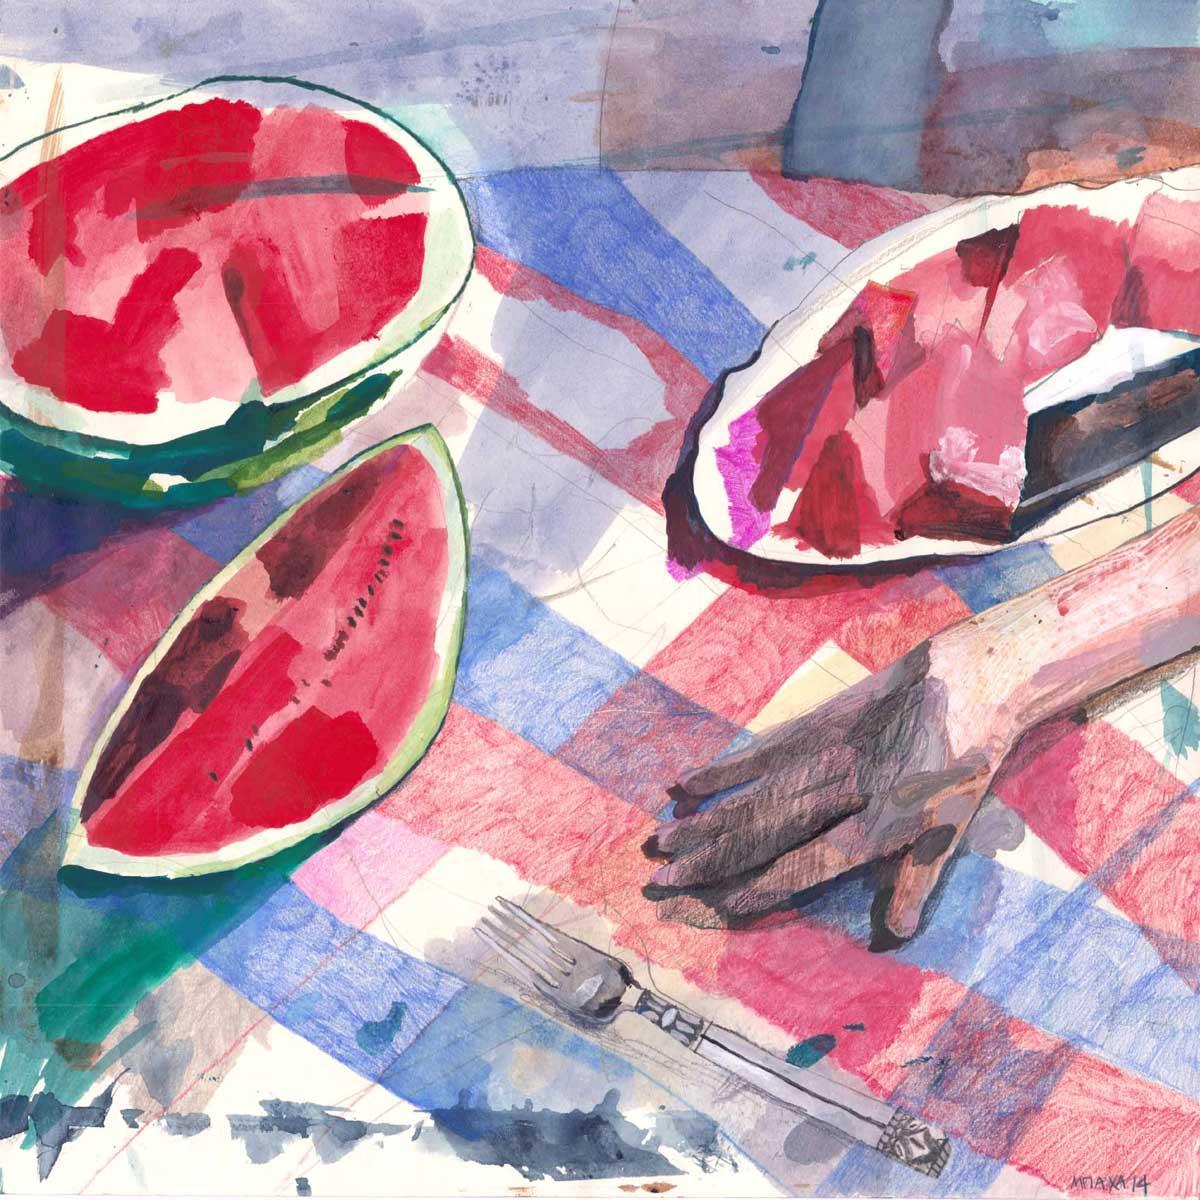 astralon-maria-bacha-watermelon